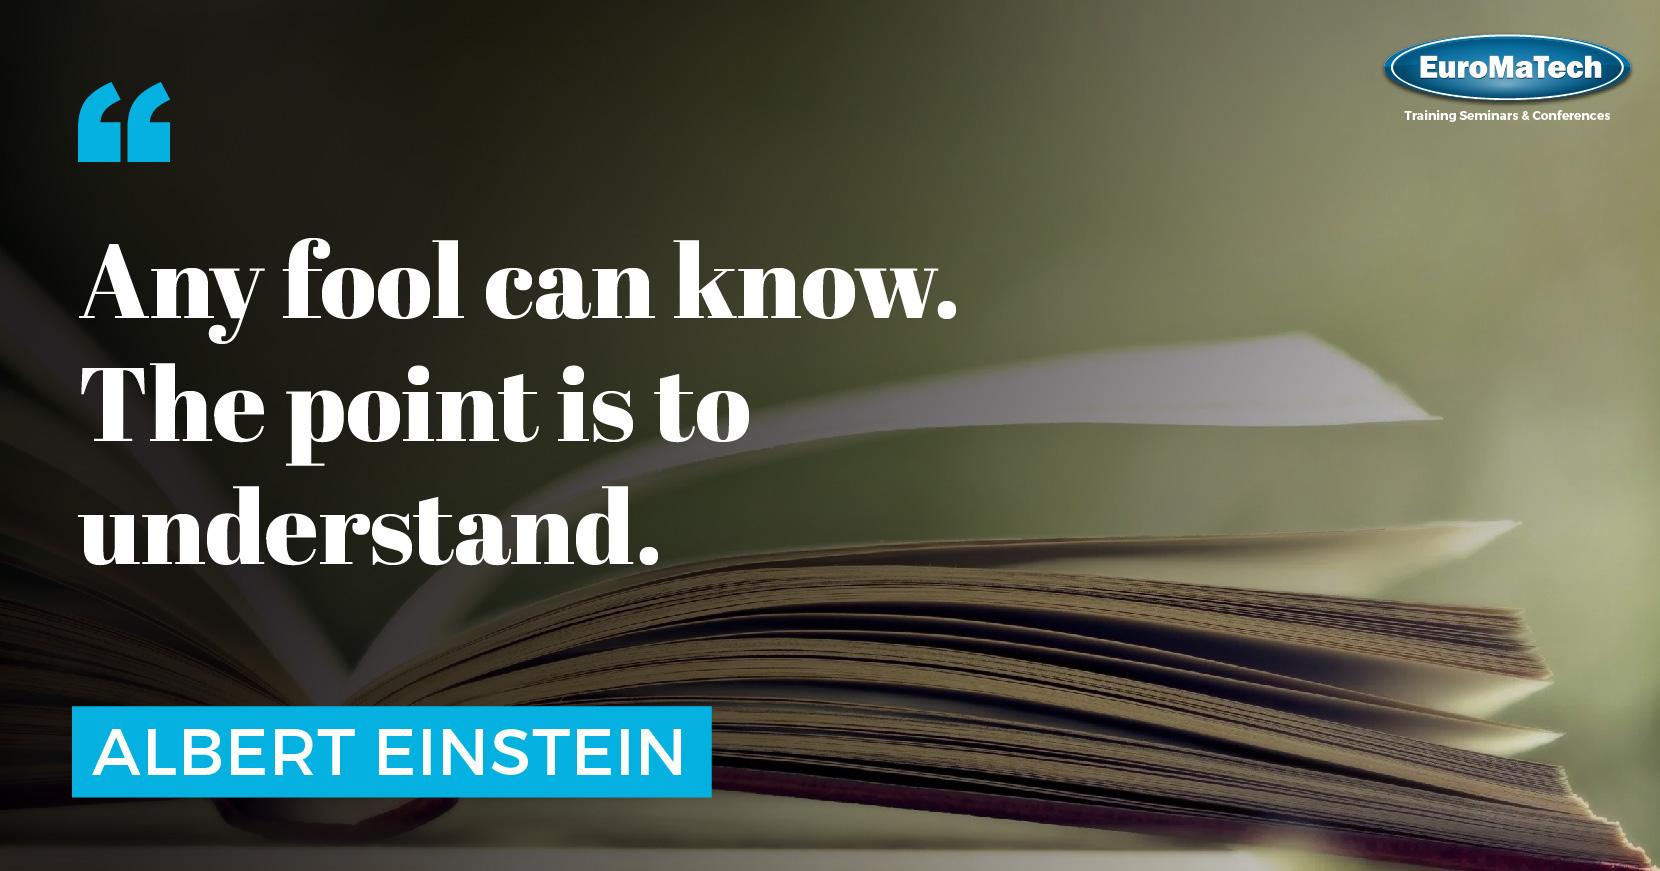 NEBOSH Albert Einstein